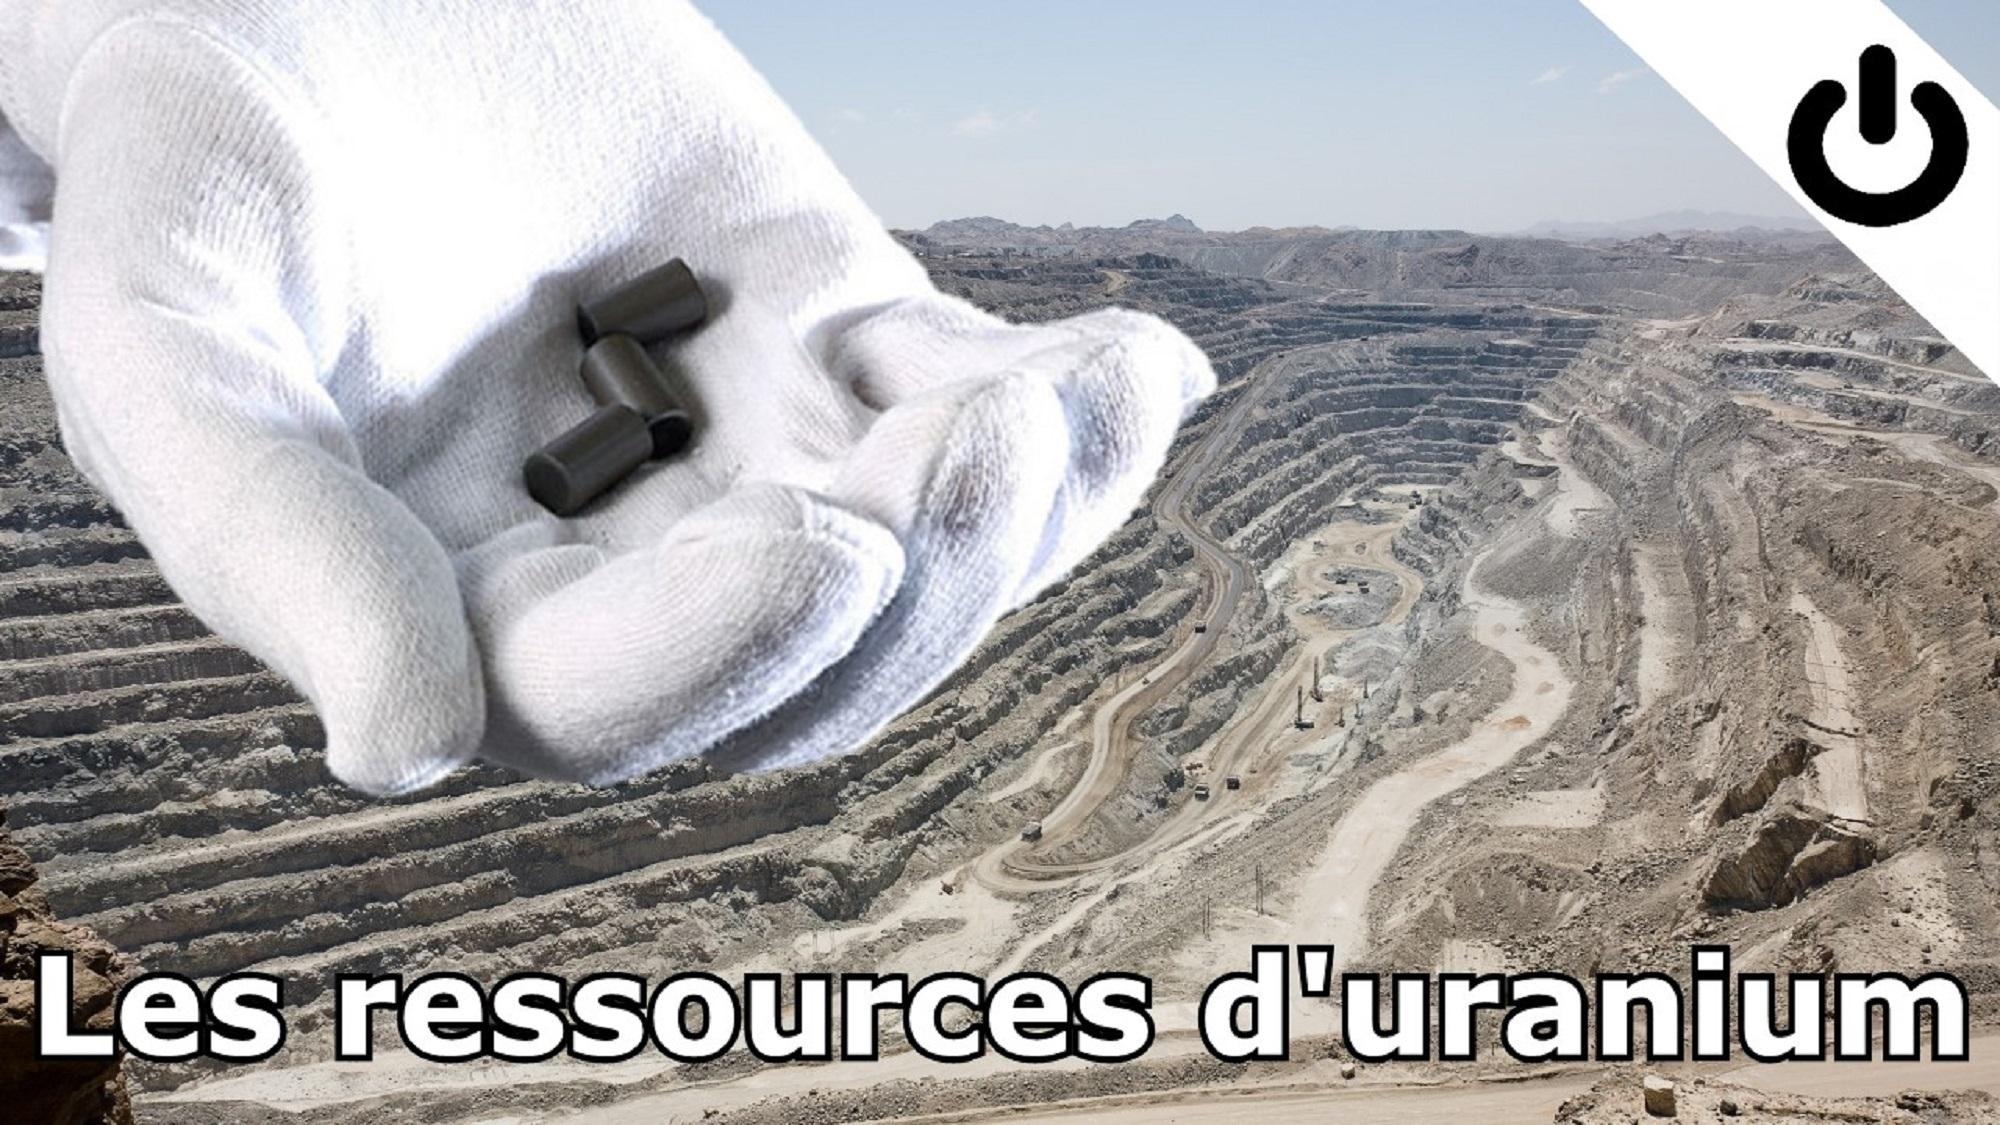 Ressources d'uranium